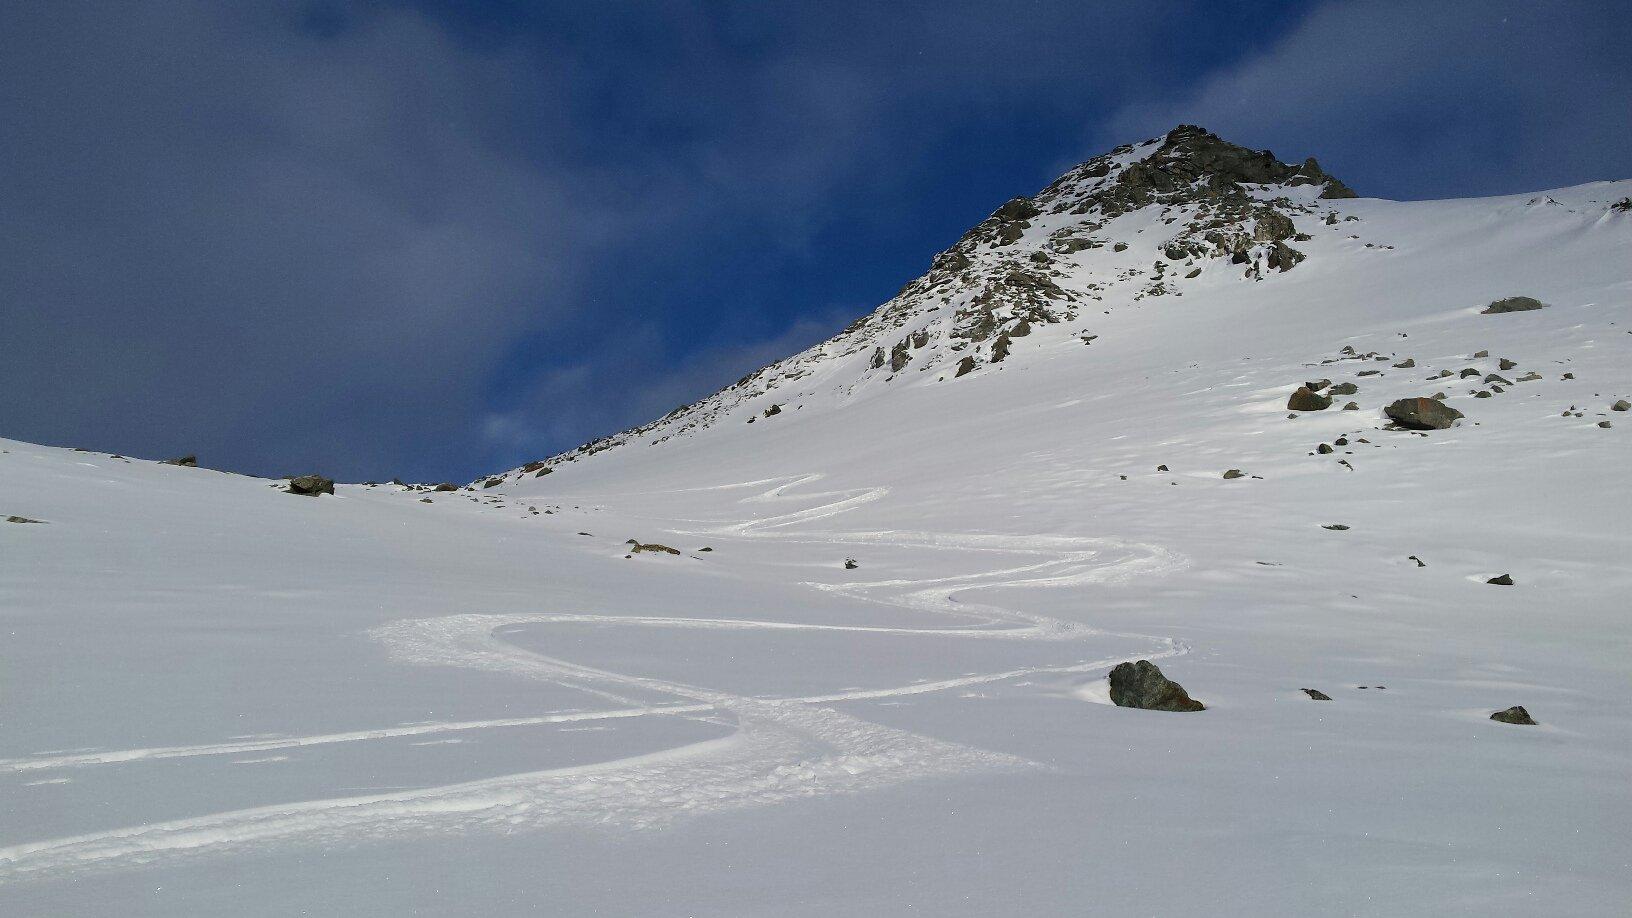 slalom tra sassi sotto la p. nord